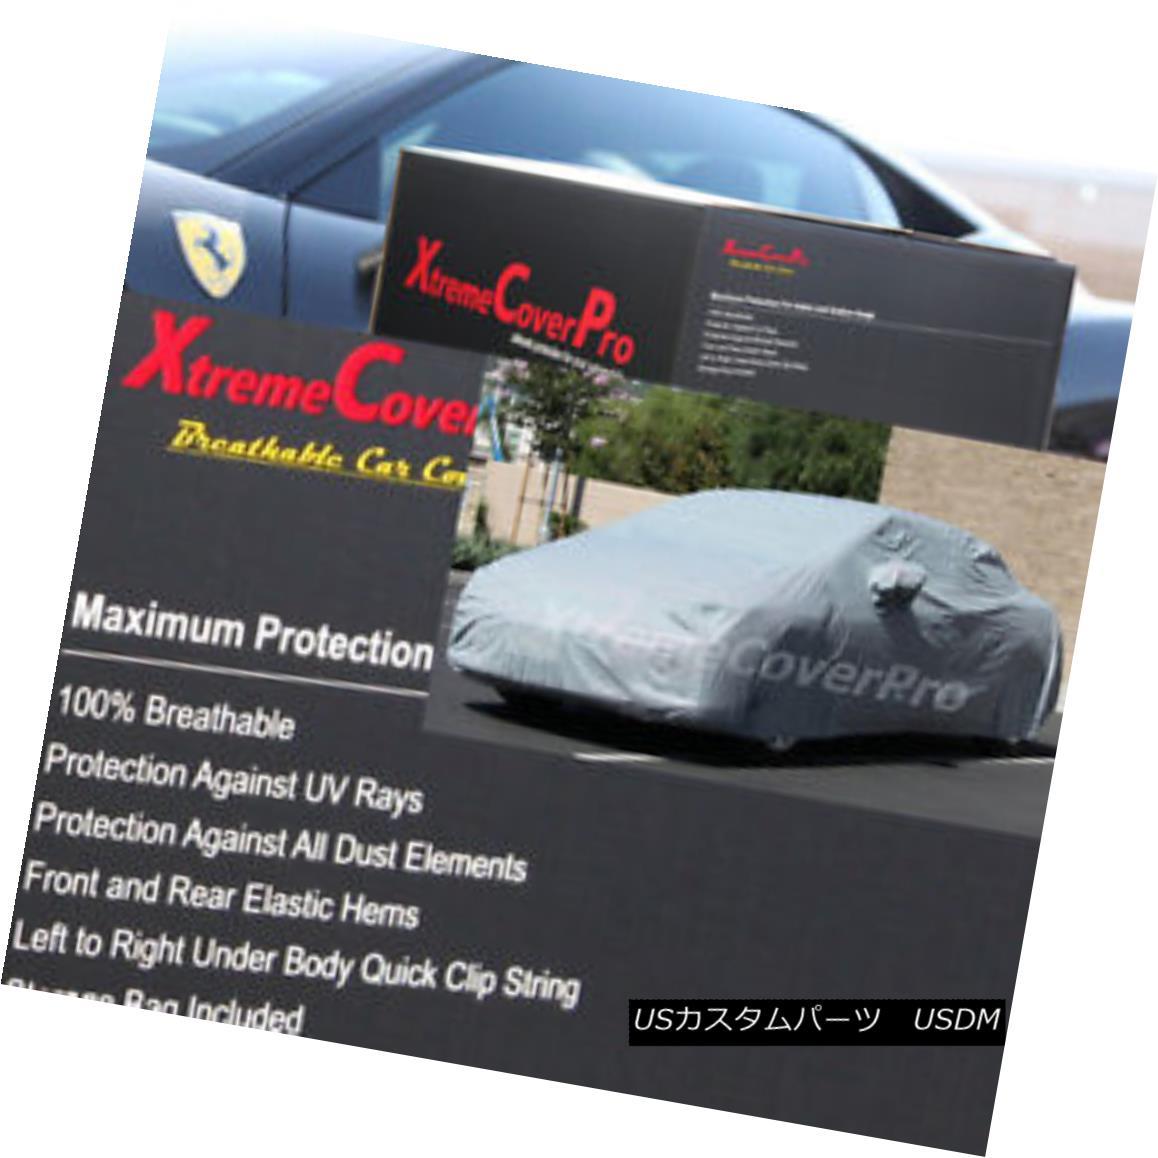 カーカバー 2008 Mitsubishi Evolution no-Spoiler Breathable Car Cover w/MirrorPocket 2008年三菱エボリューションノースポイラー通気性カーカバー付き(MirrorPocket)